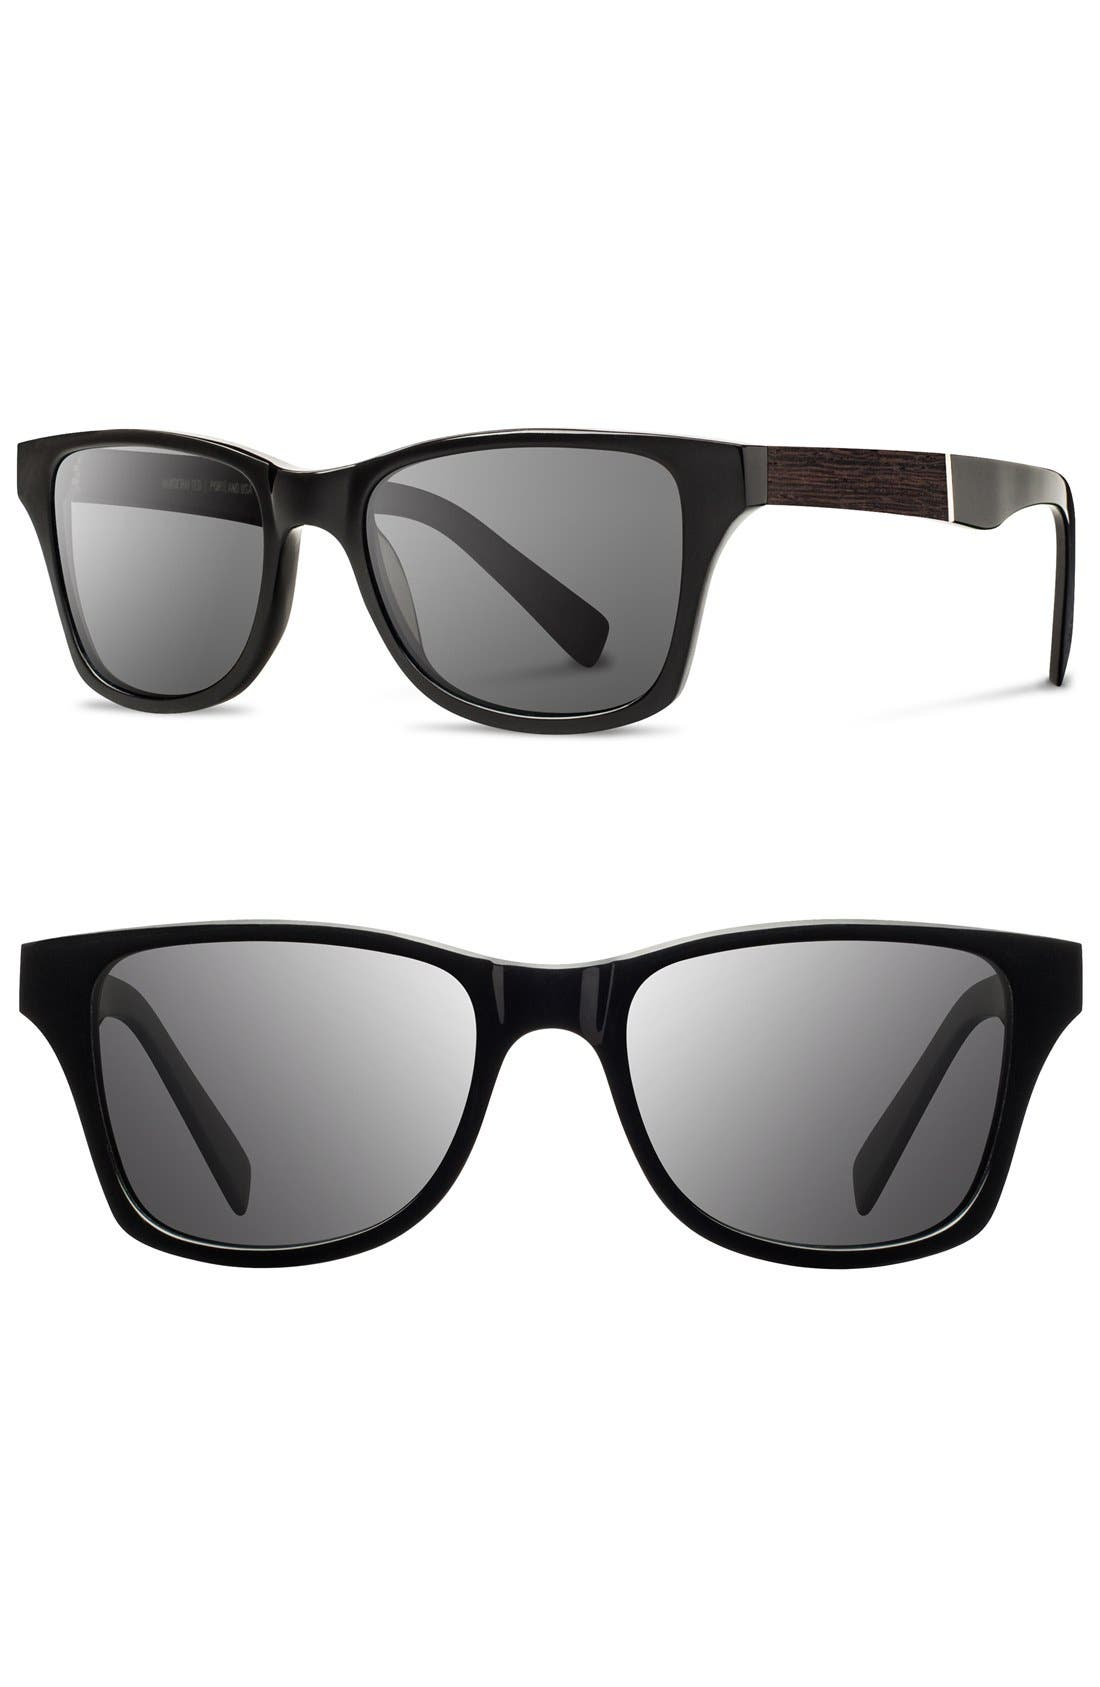 Main Image - Shwood 'Canby' 53mm Polarized Wood Sunglasses